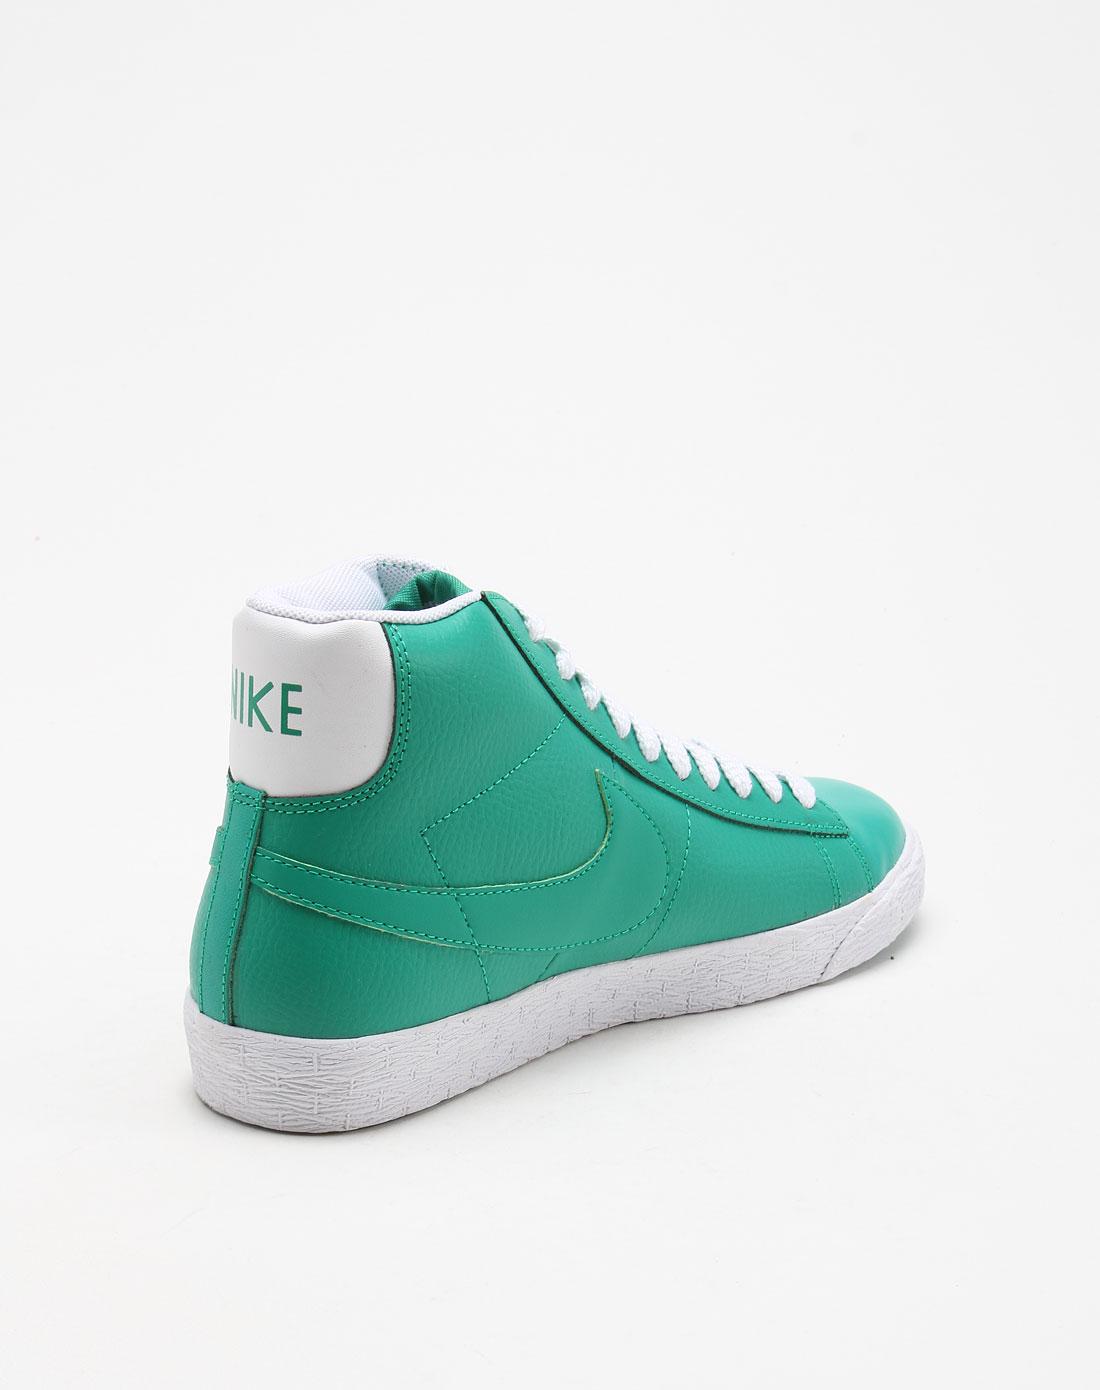 耐克nike-街头时尚绿色百搭文化鞋375573-304